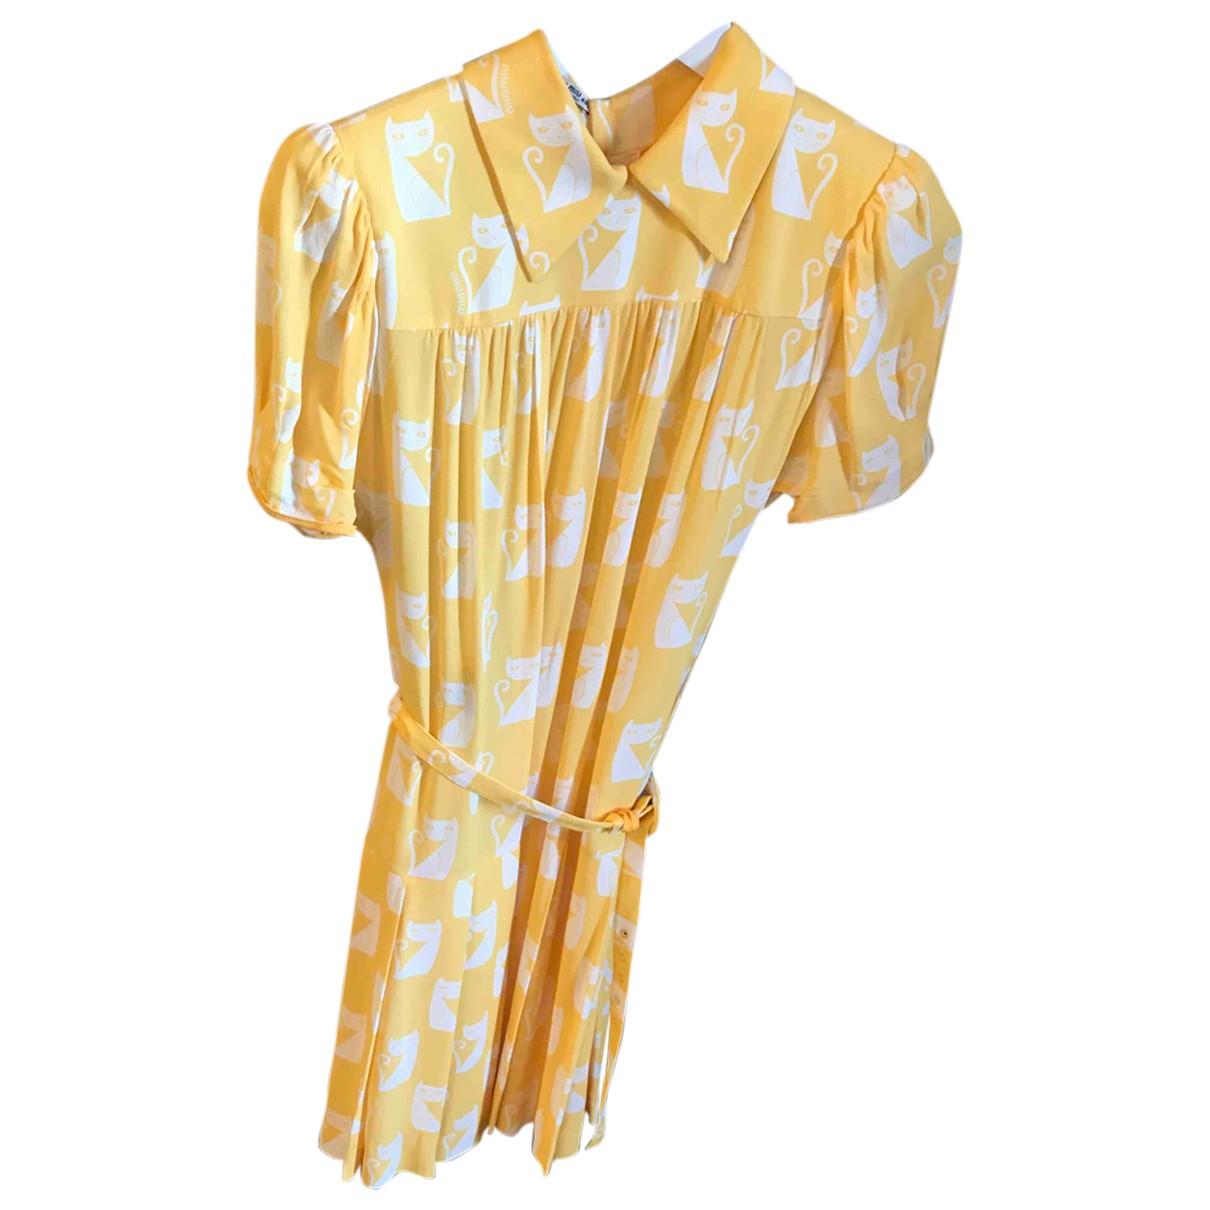 Miu Miu N Yellow dress for Women 40 IT